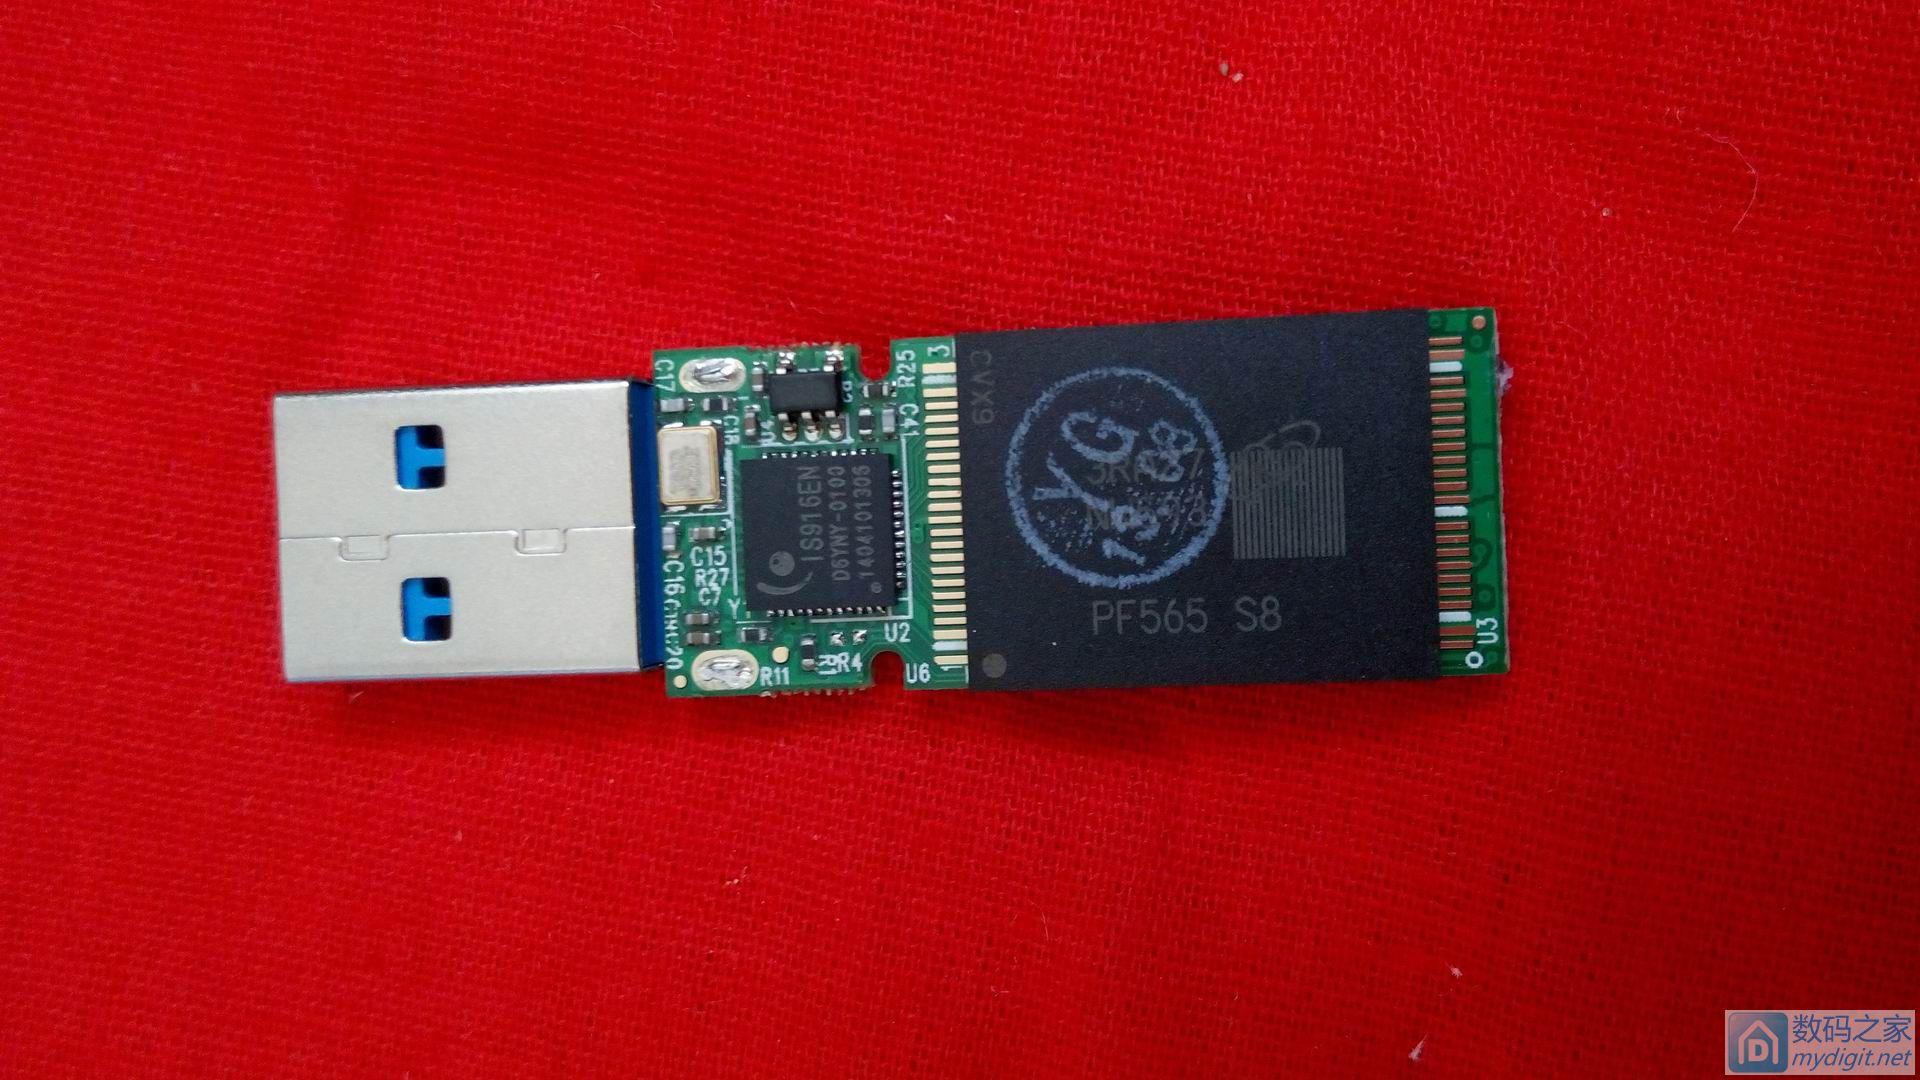 麦克赛尔领航128GB USB3.0 U盘拆解及简测~S8的大S降级片到底怎么样?